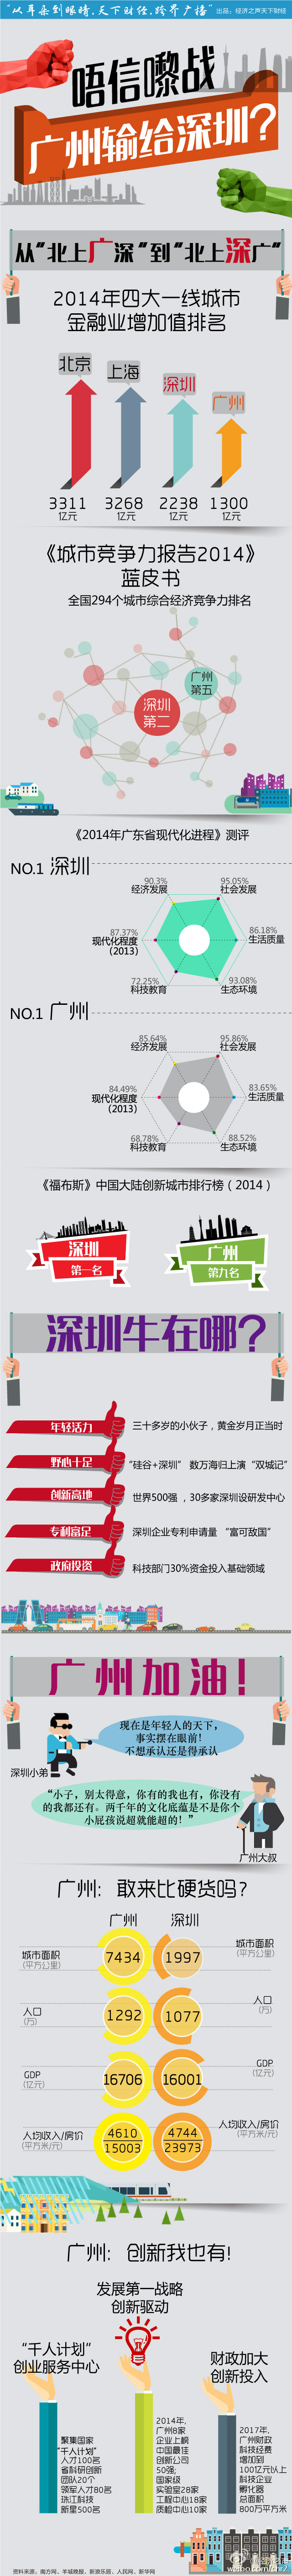 """图解:深圳的""""泡沫"""" - 记彔无疆 - 数字中国"""